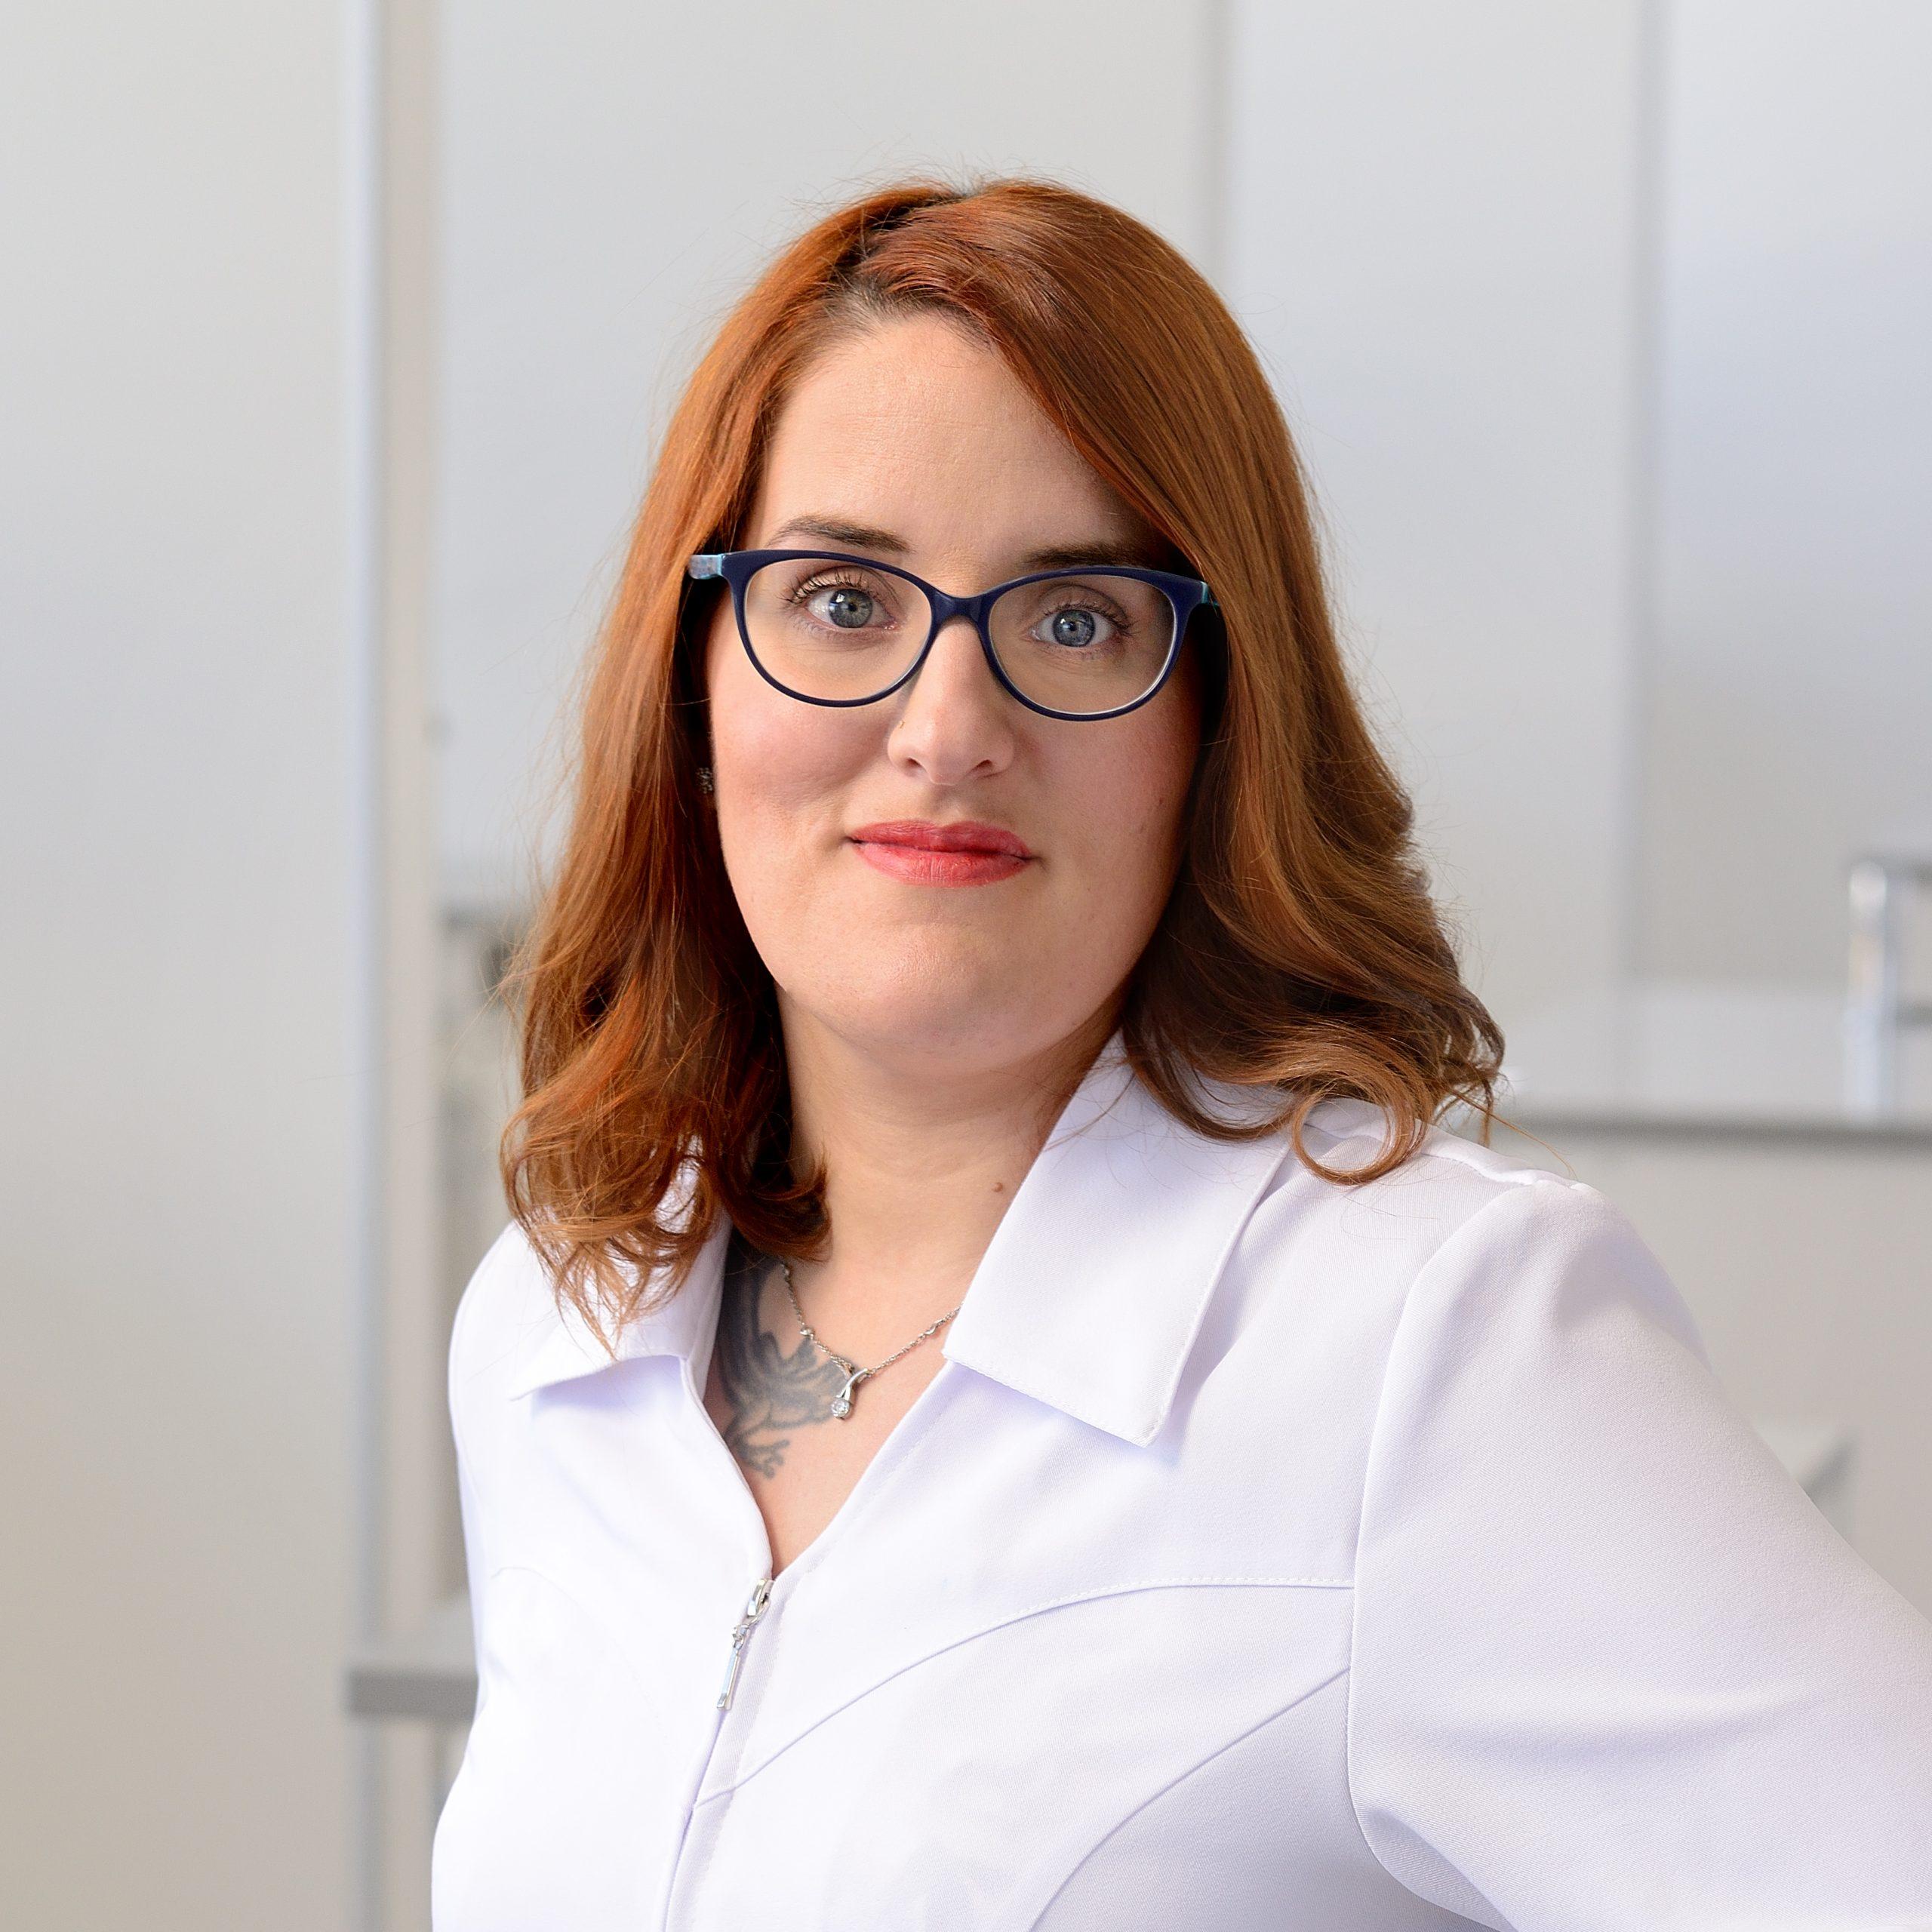 Aimée Larouche-Brisson, Assistante dentaire